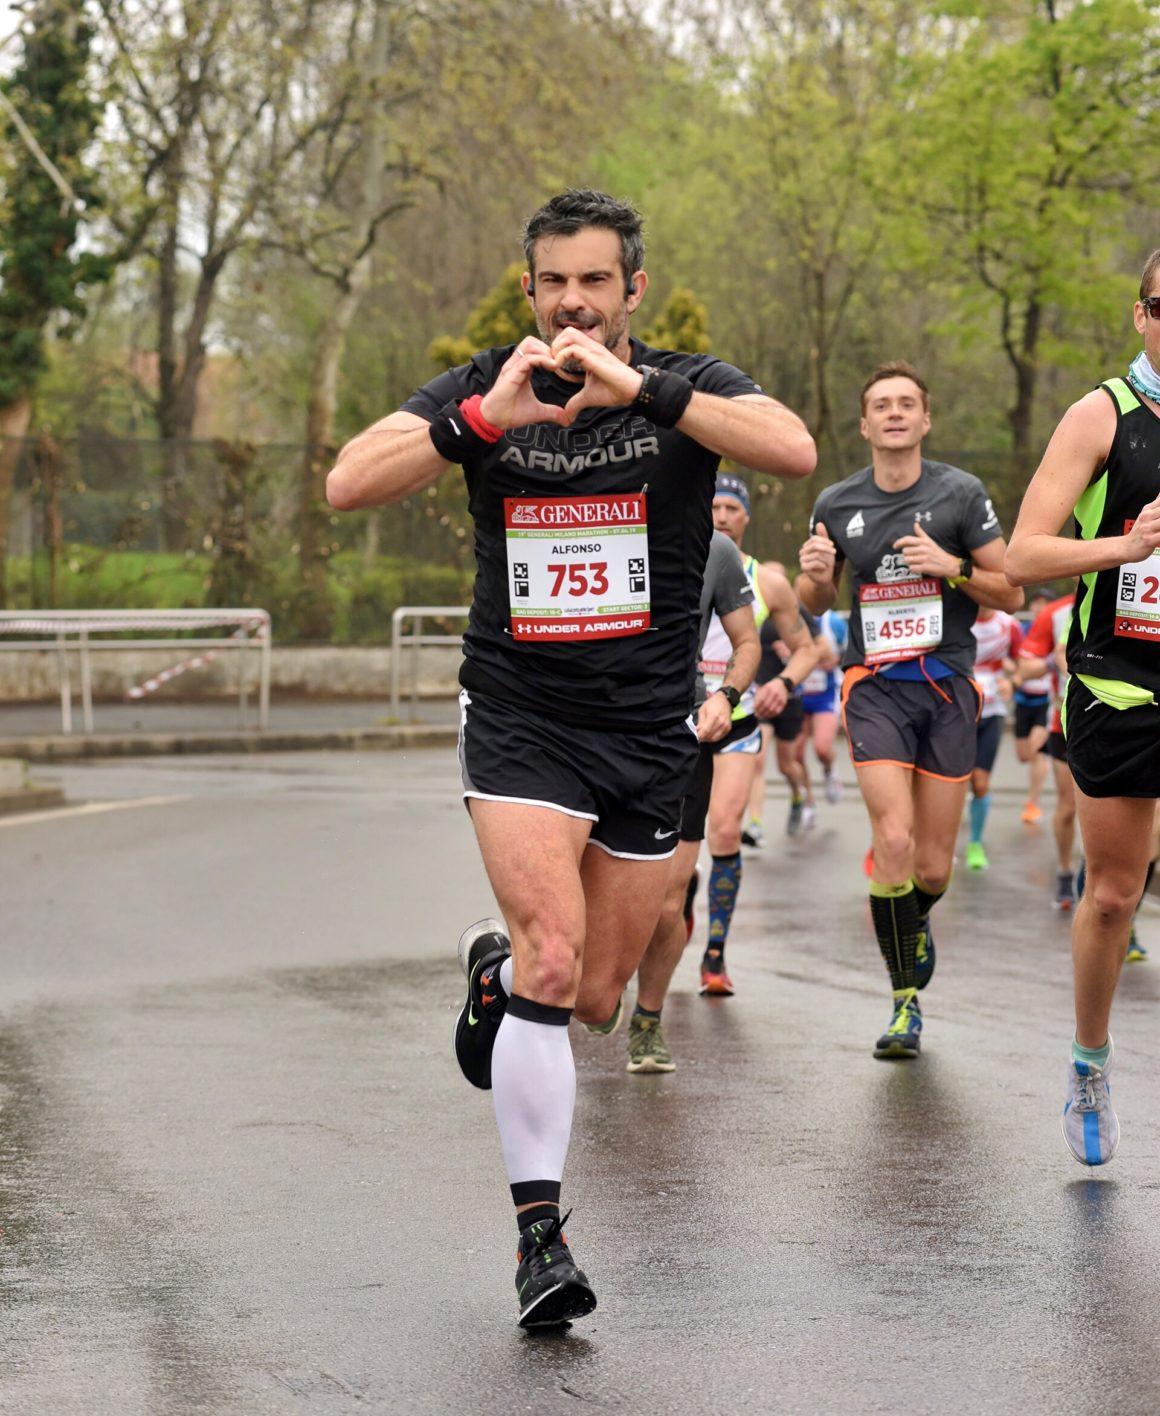 Maratón de Milán - Milan Marathon Maratona maratón de milán - maraton de milan milano maratona marathon italy italia 12 1160x1416 - Maratón de Milán: análisis, recorrido, entrenamiento y recomendaciones de viaje